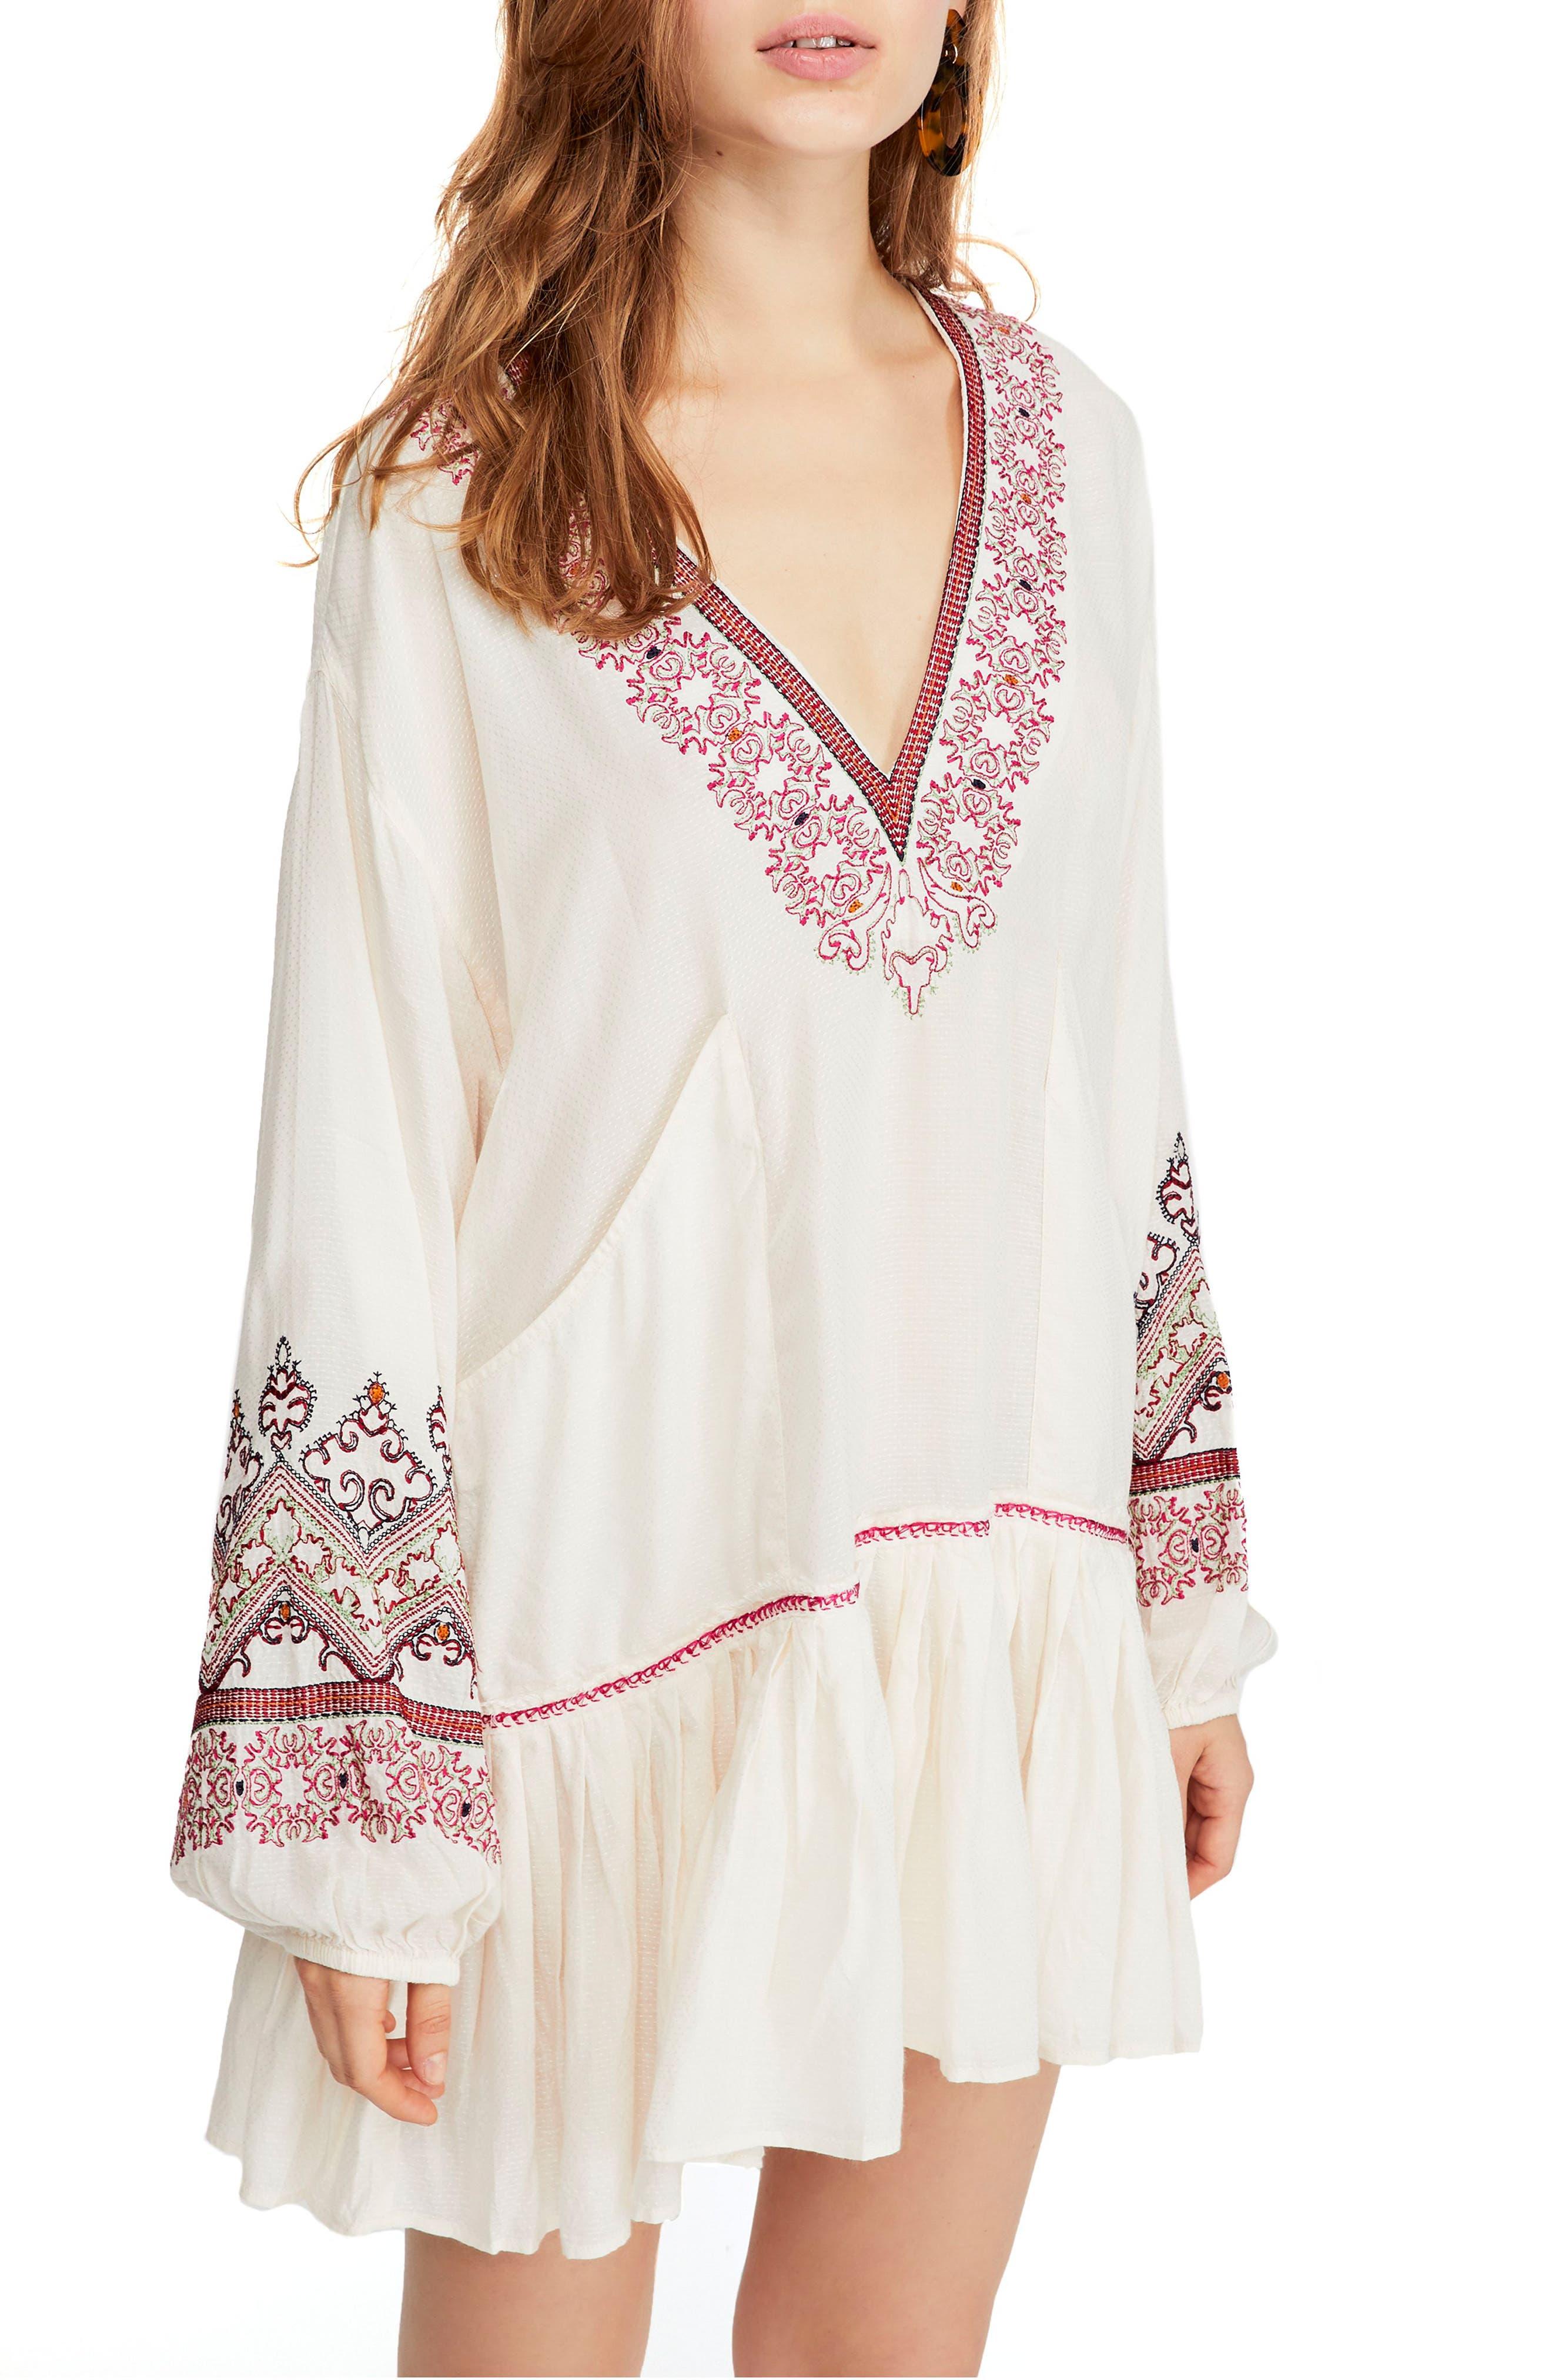 Free People Wild One Embellished Dress, Ivory